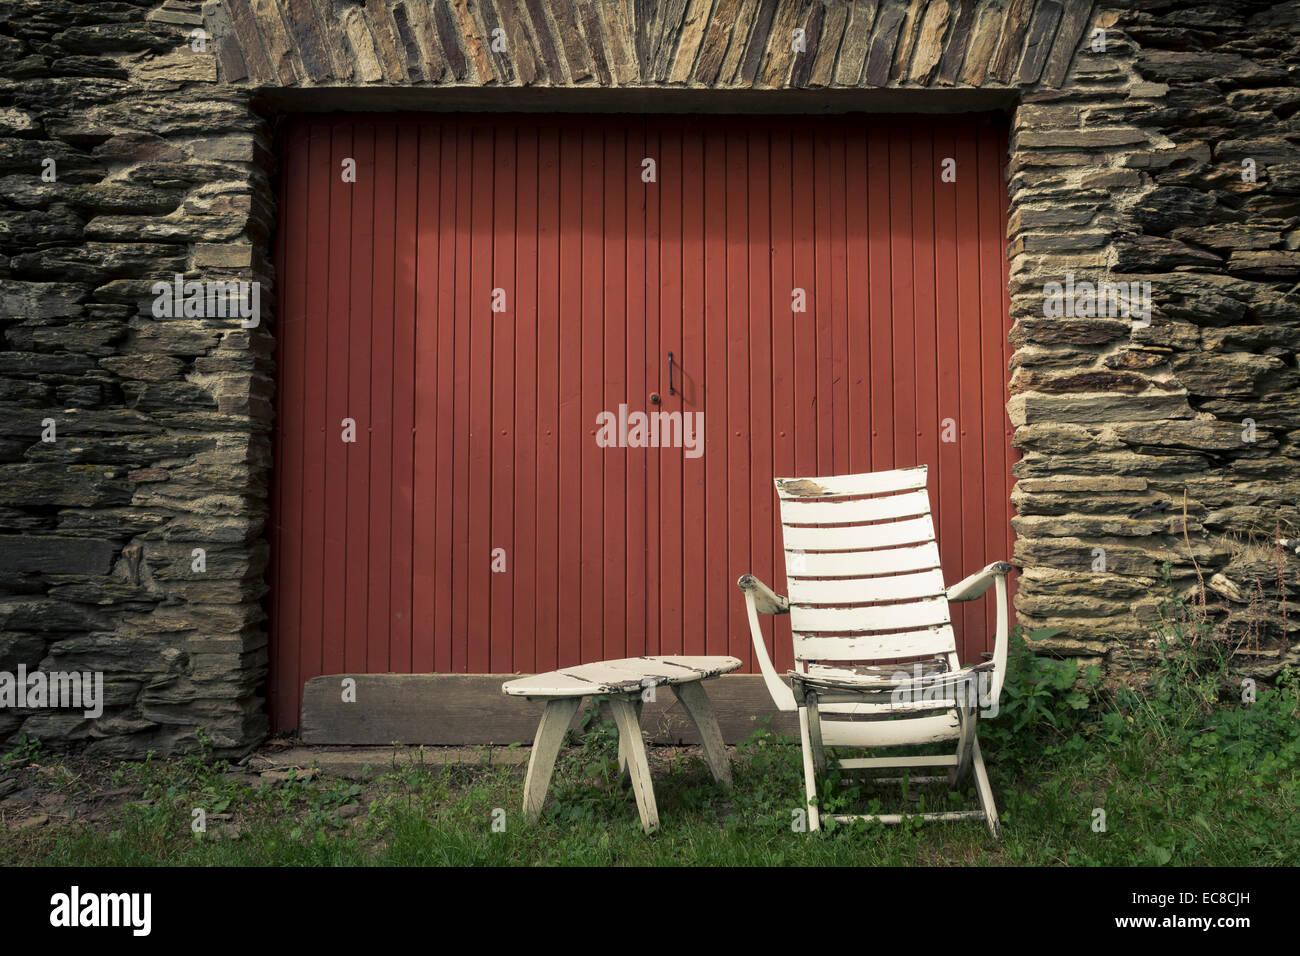 Lo scisto pietre vecchia tabella vecchia sedia Immagini Stock